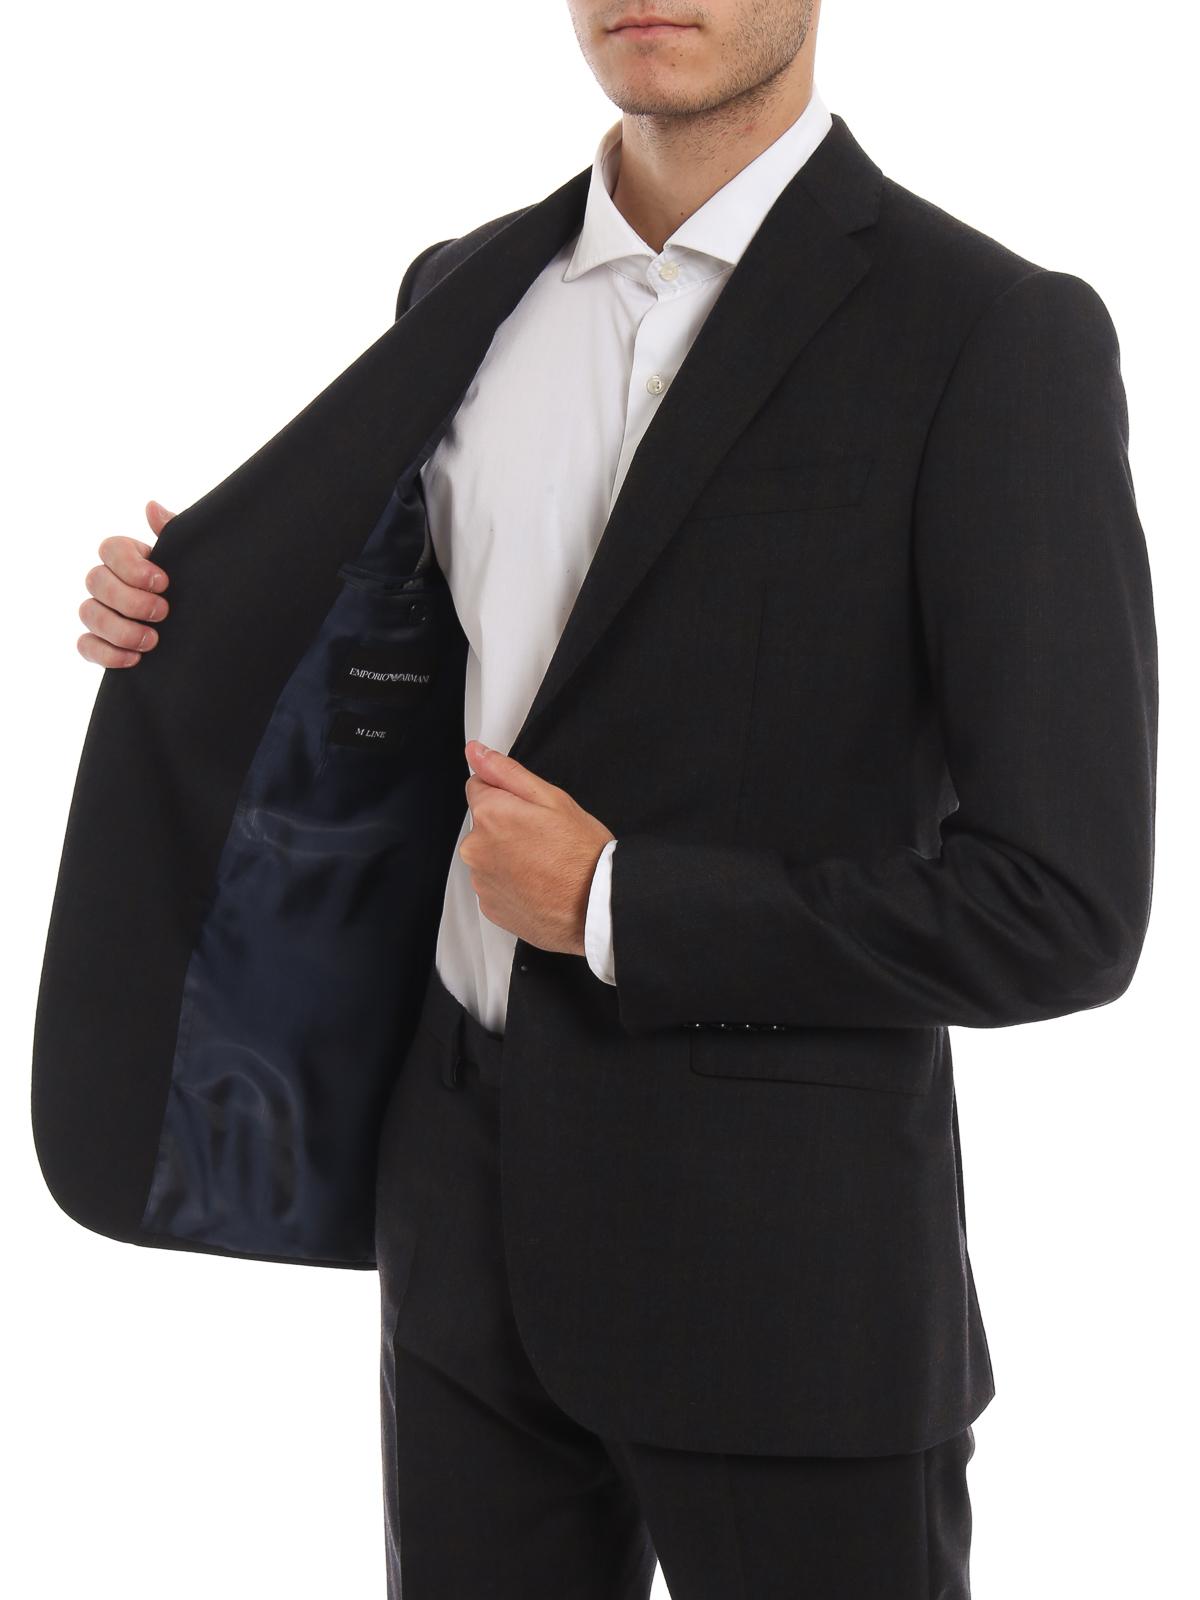 cheap for discount 33d34 44809 Emporio Armani - Abito in lana a quadri - completi da ...